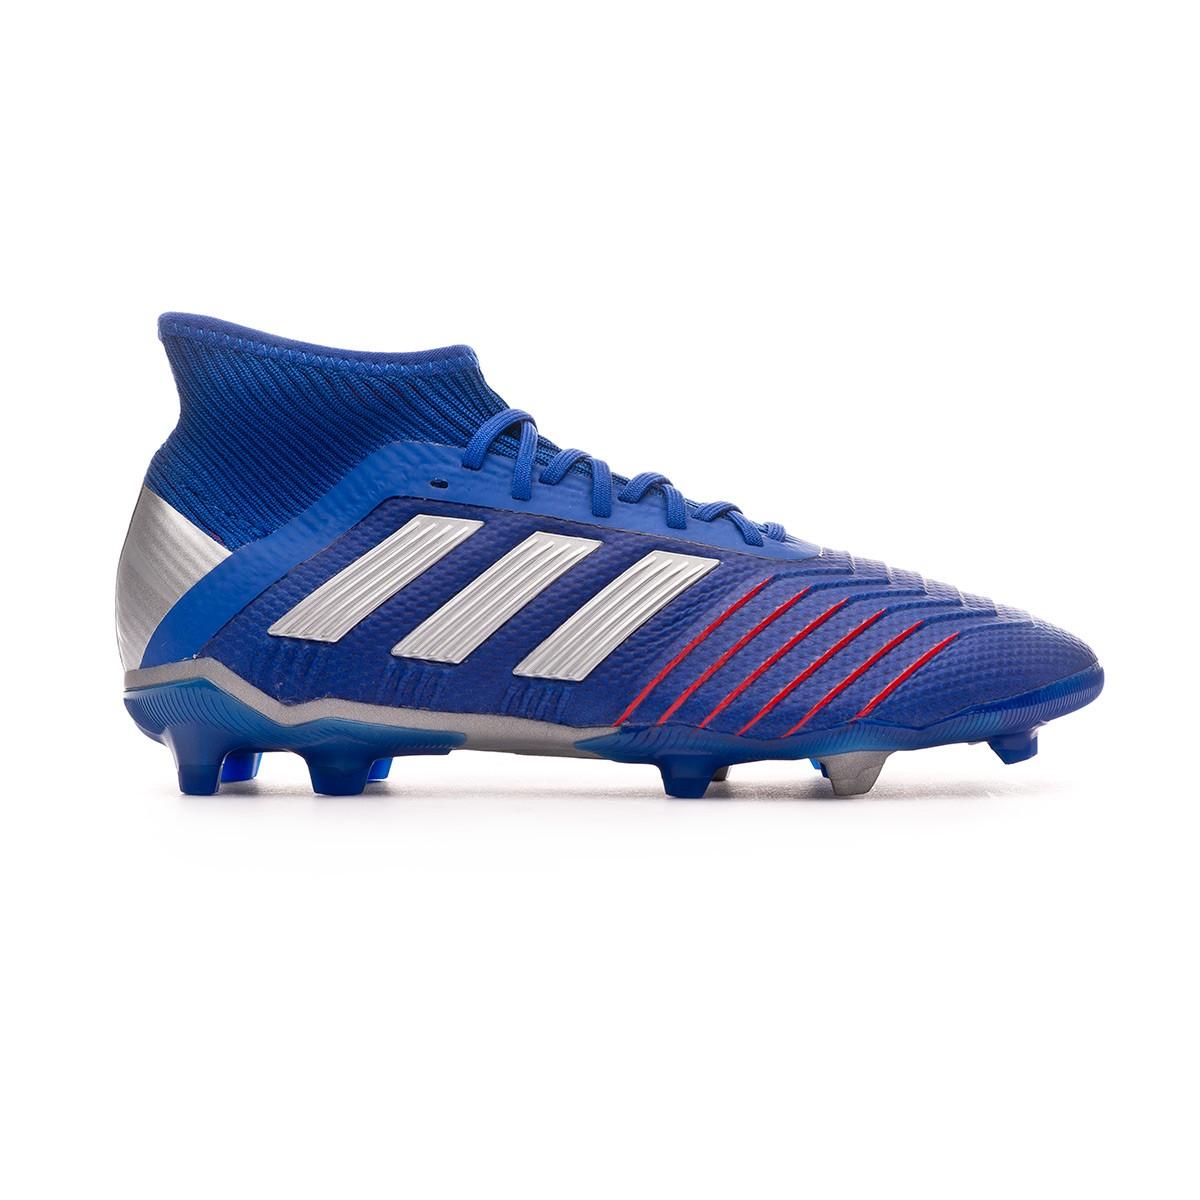 Chaussure de foot adidas Predator 19.1 FG enfant